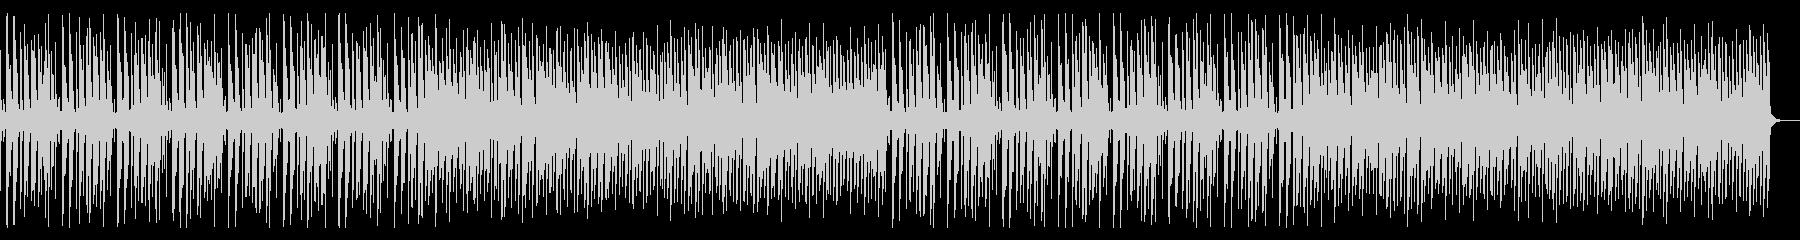 軽快なリズムの8ビット、チップチューン系の未再生の波形